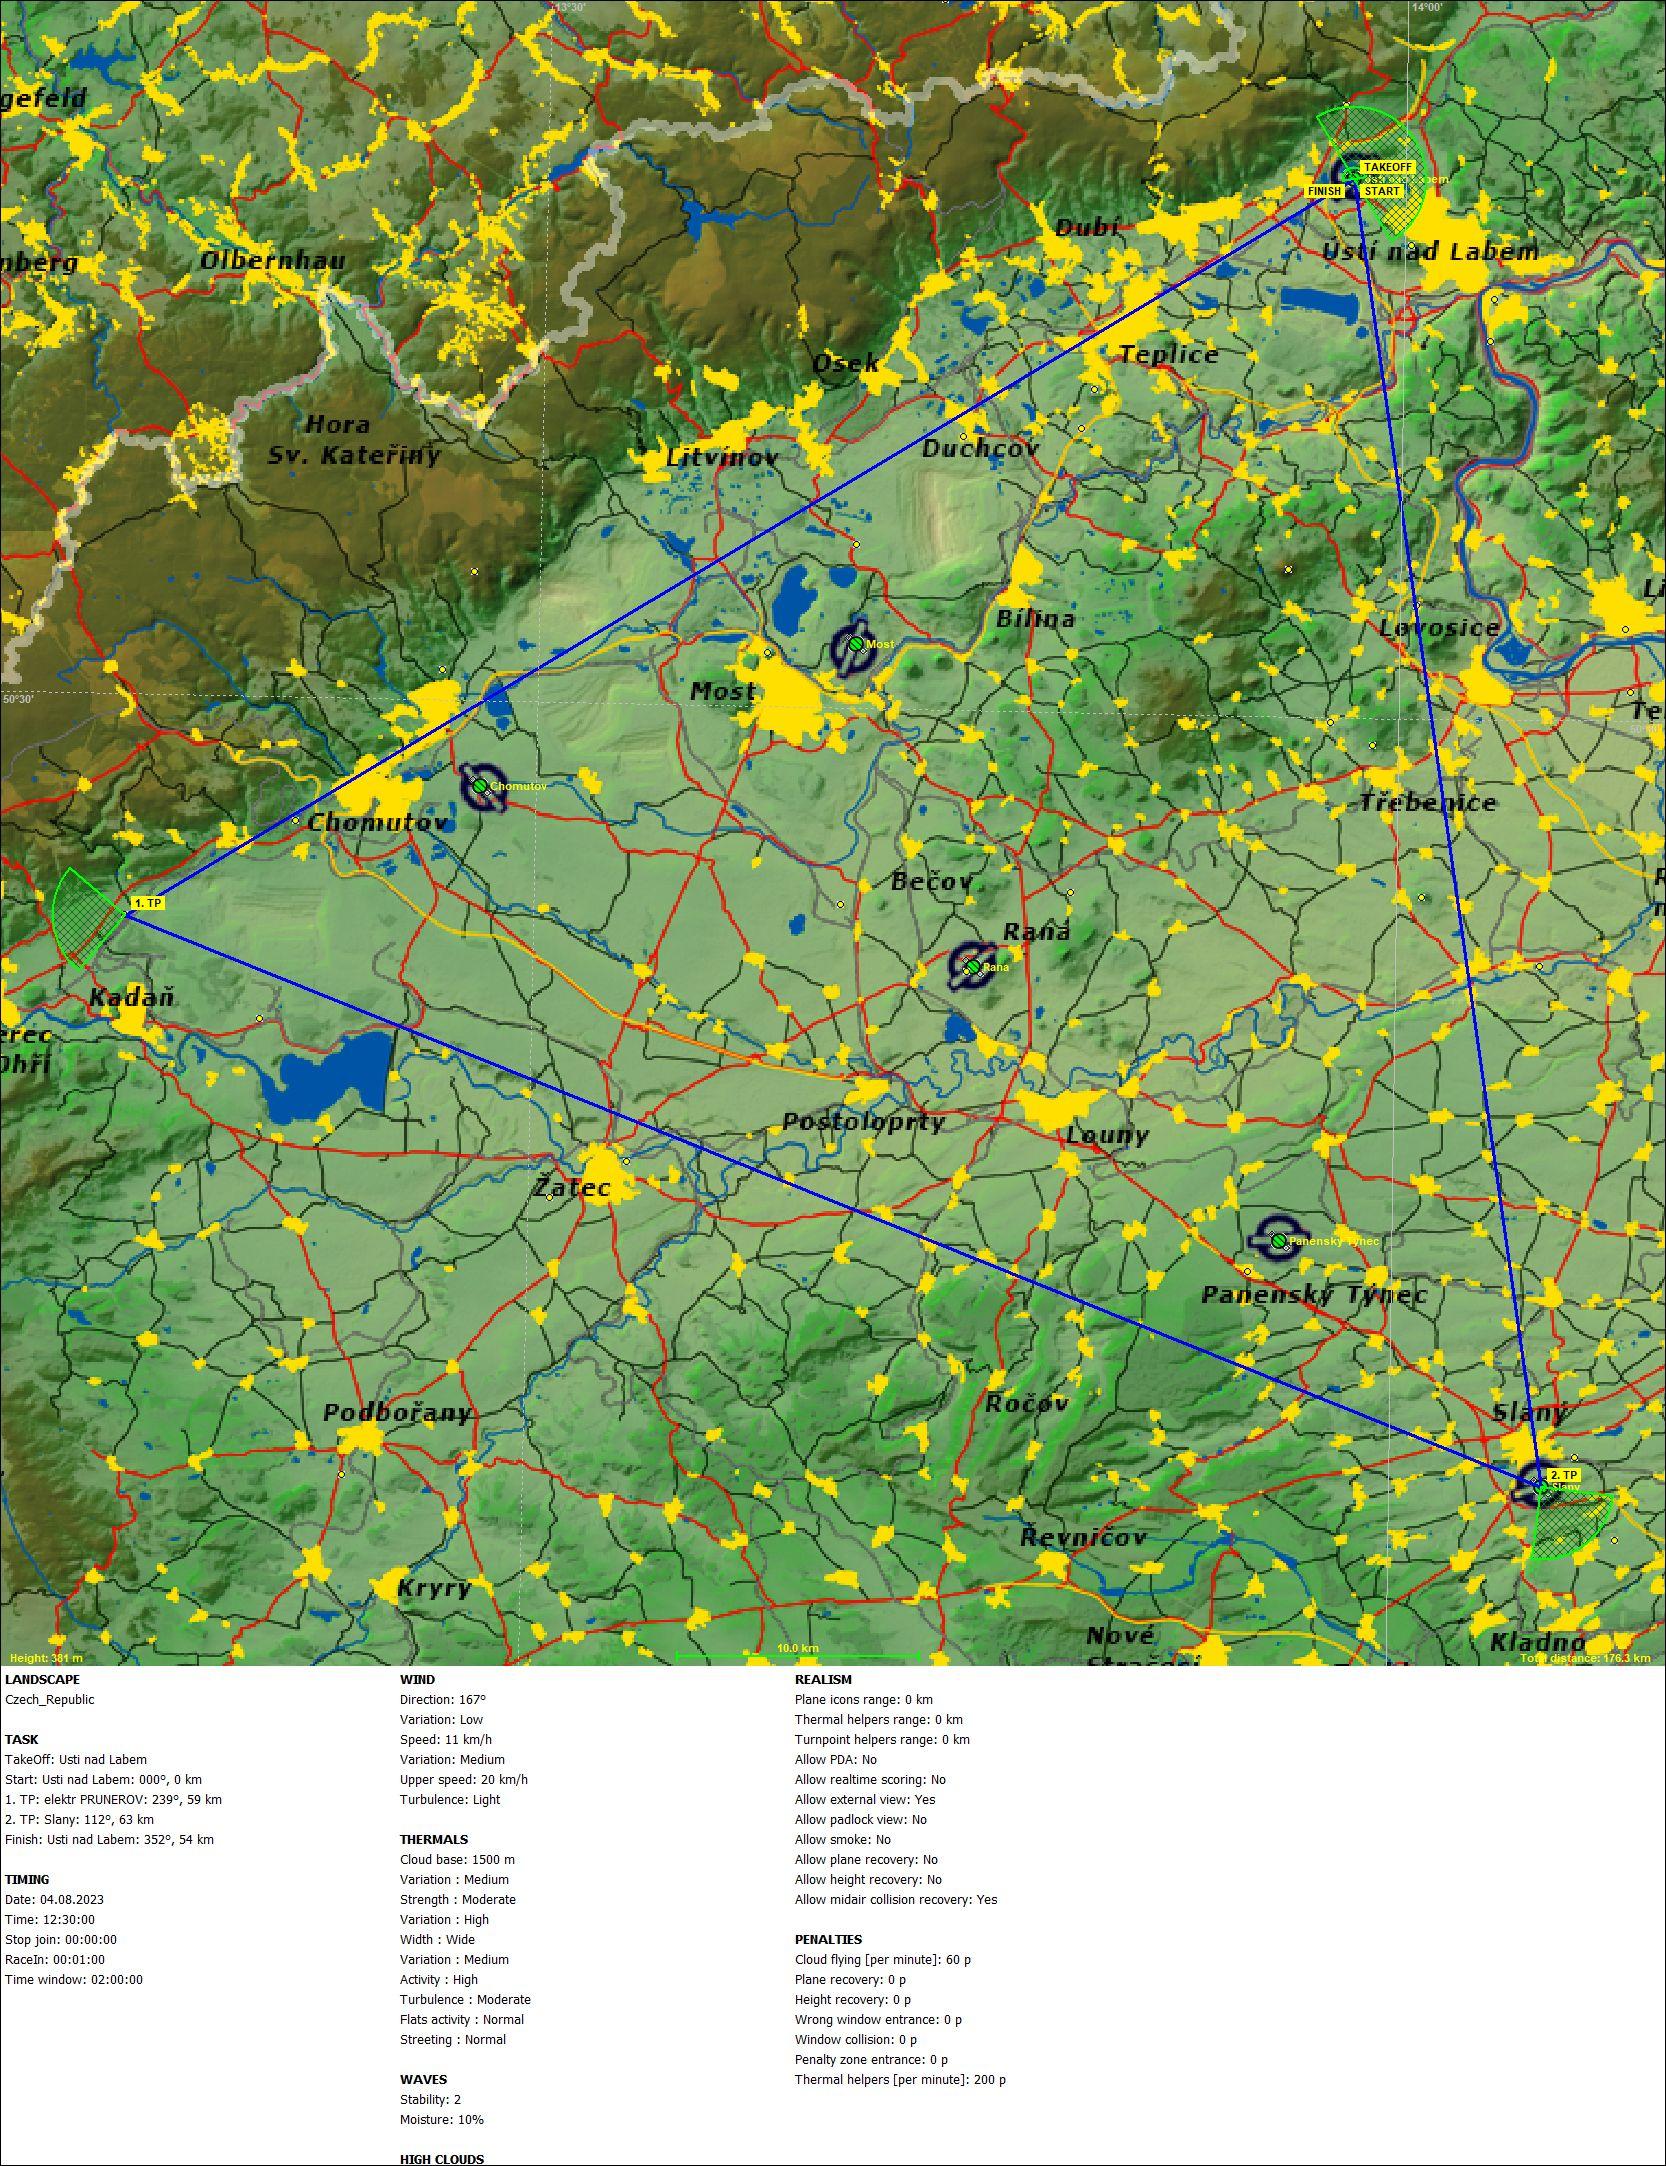 [C2] Batoh! noPDA Briefing Map